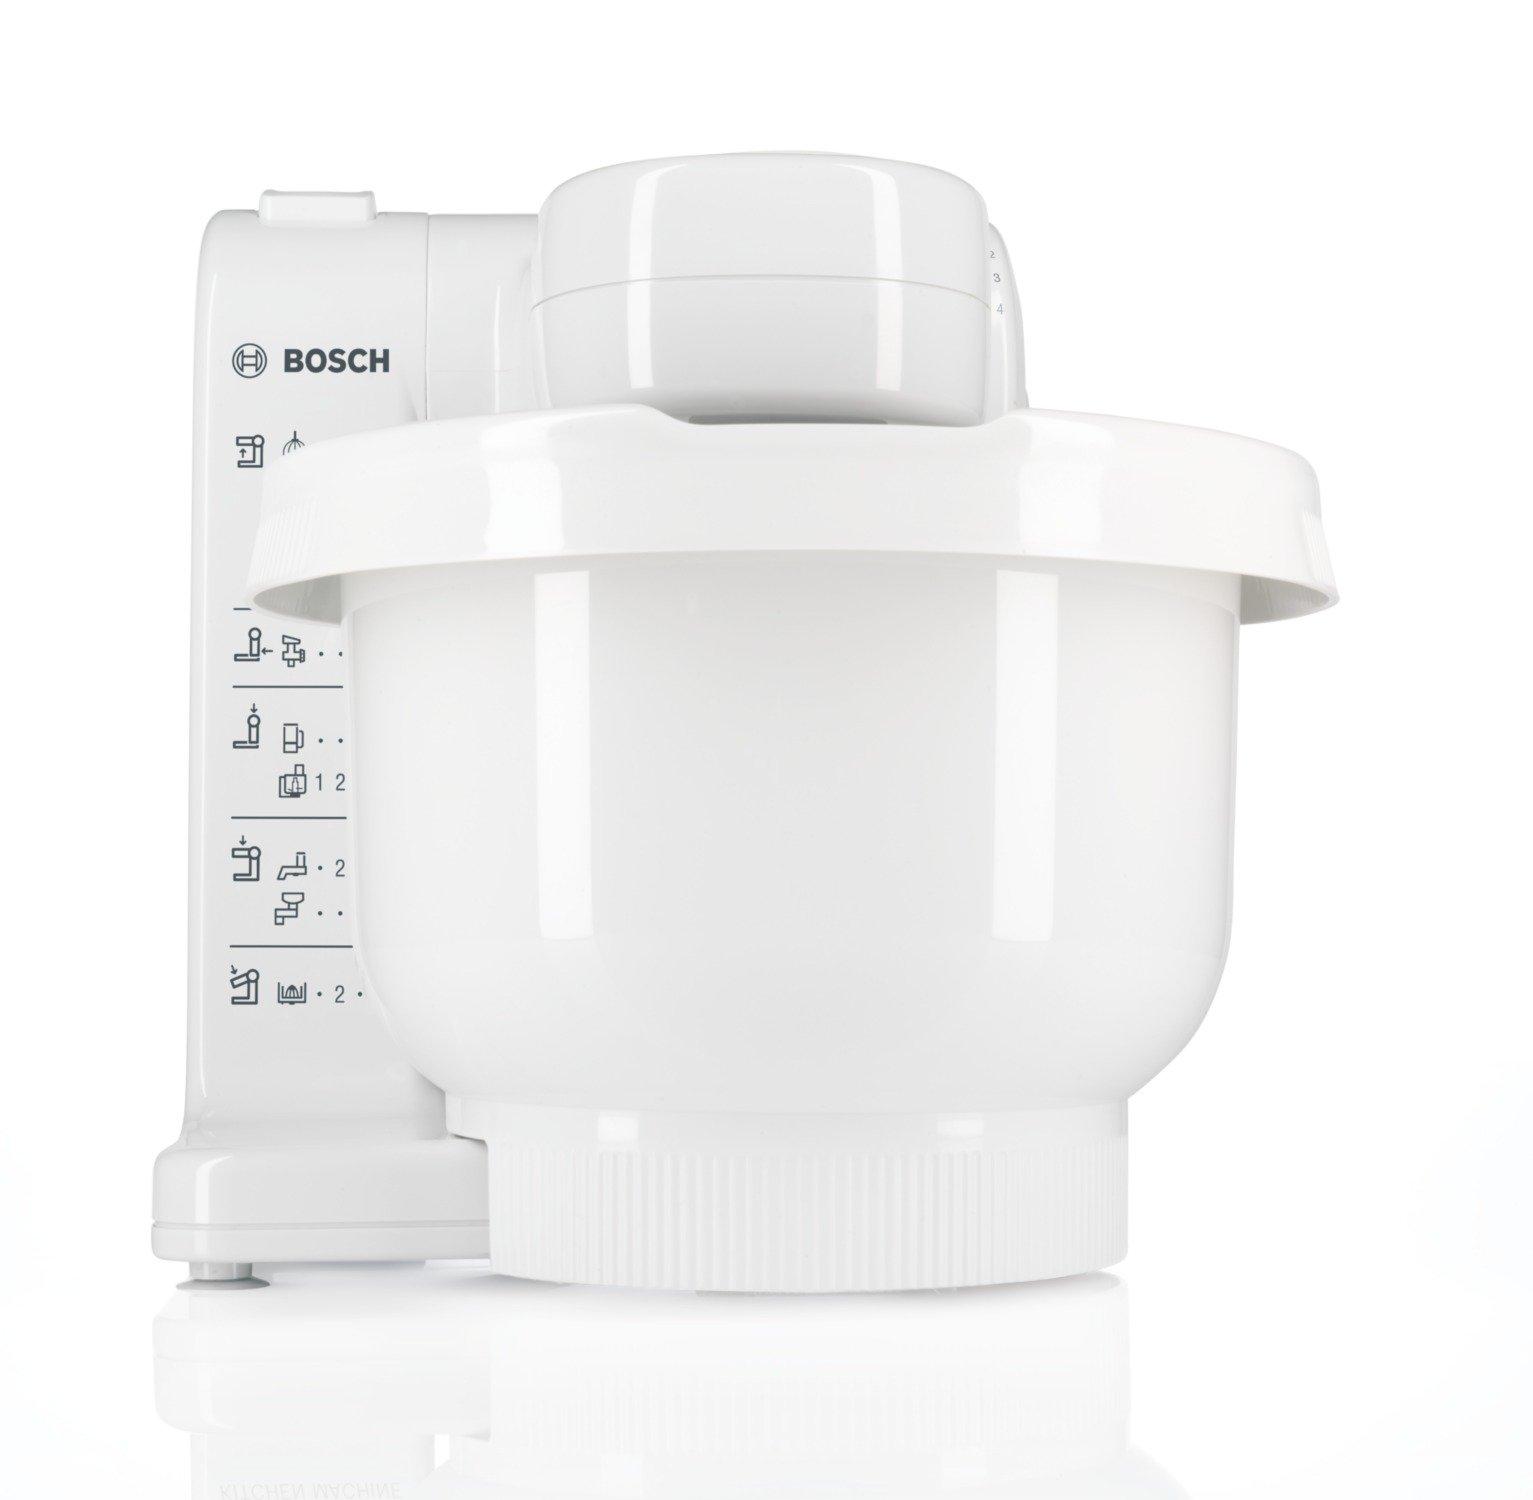 Bosch-MUM4405-Kchenmaschine-MUM4-500-Watt-39-Liter-wei